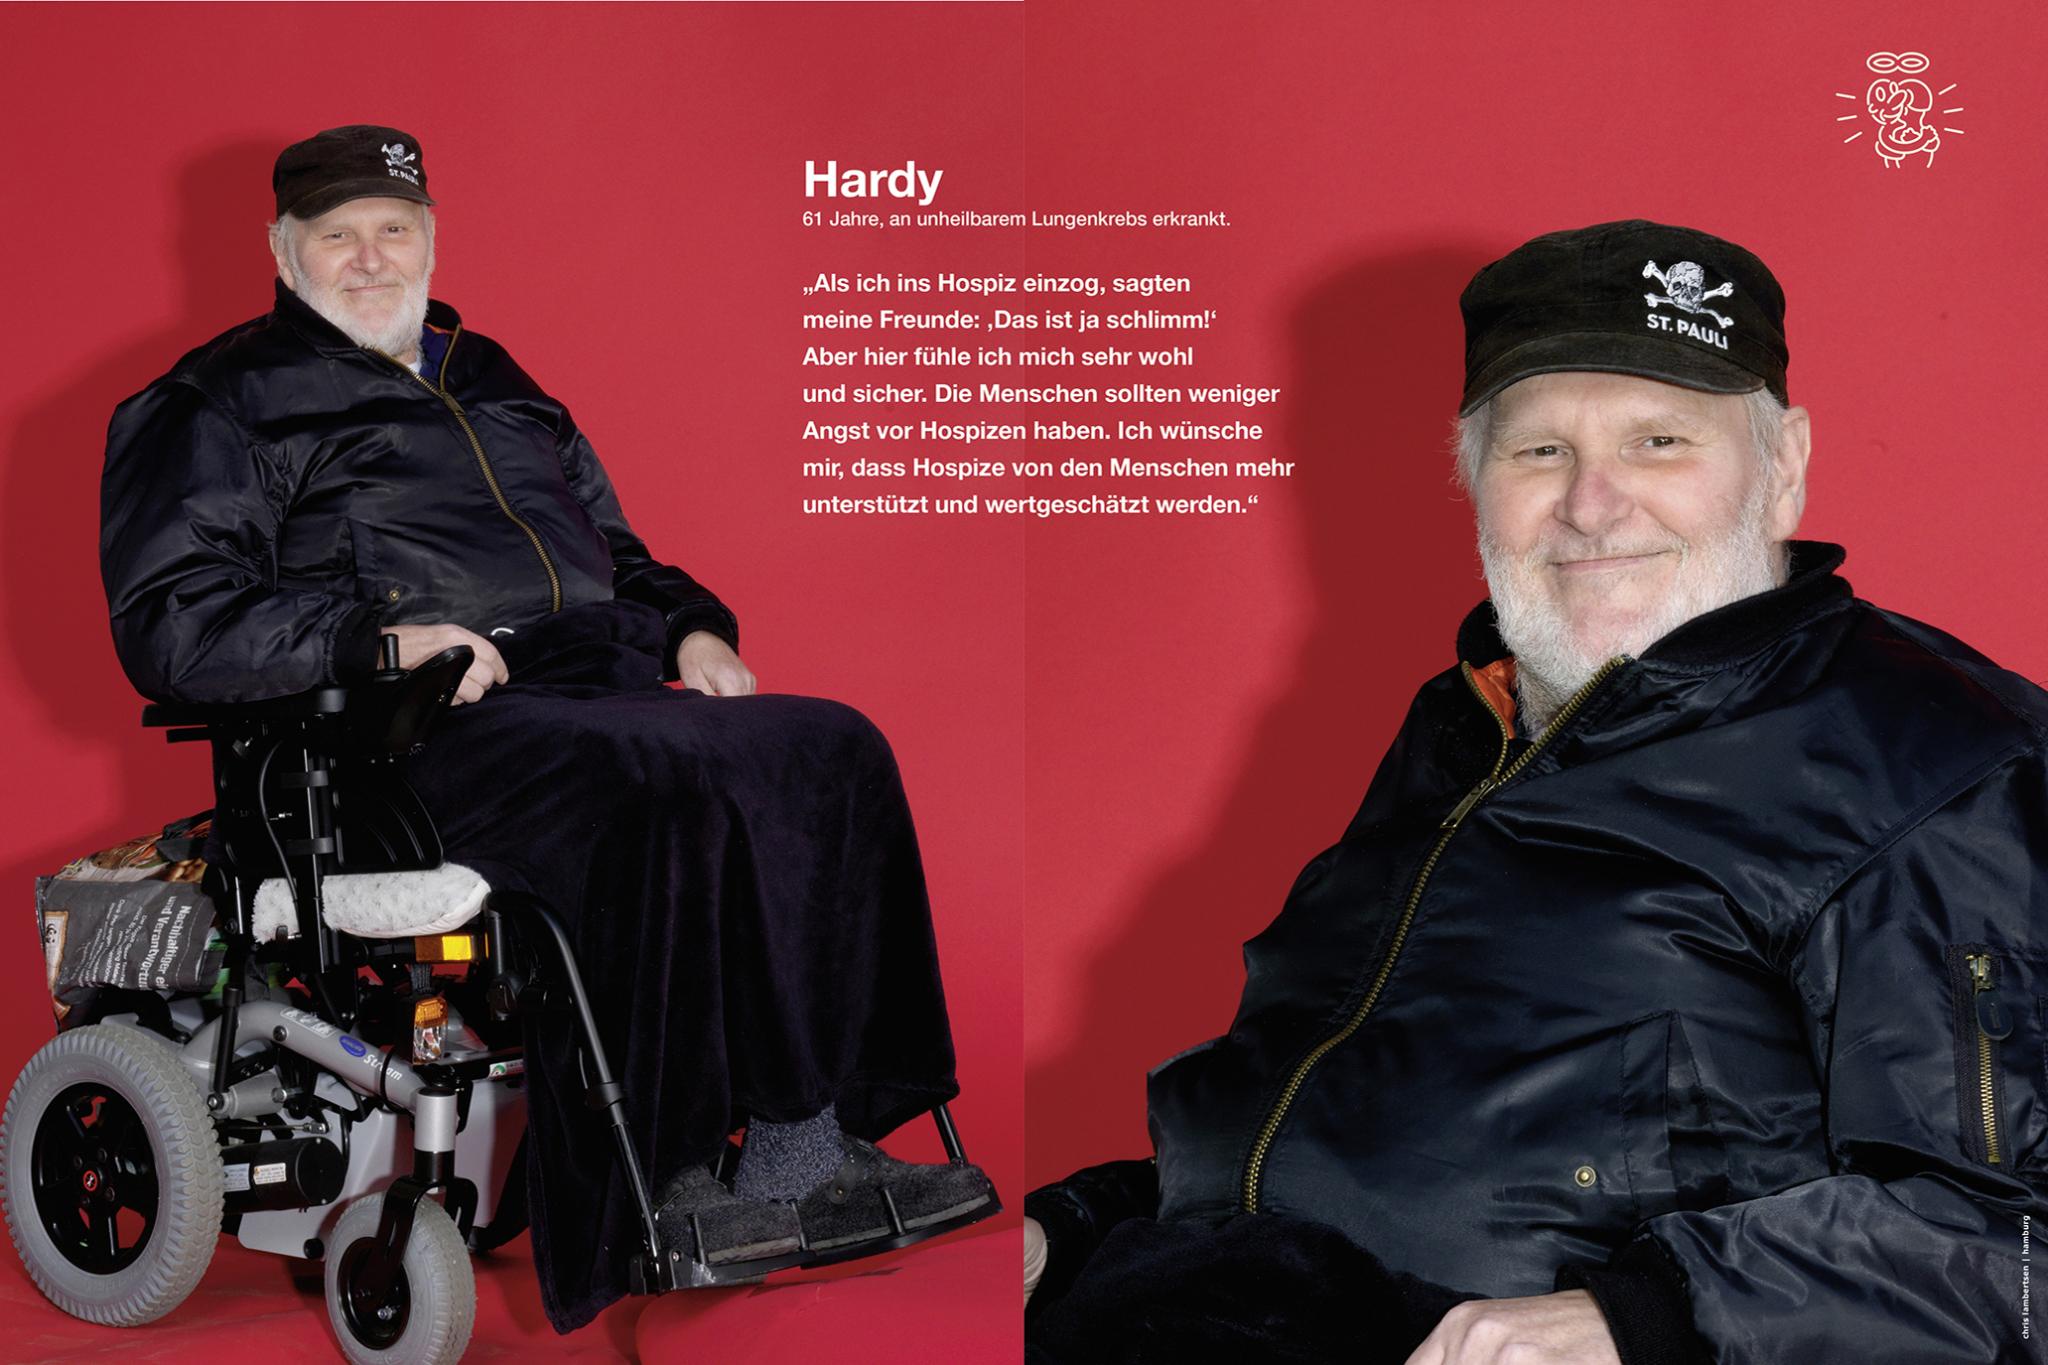 Hardy_Fotoausstellung soziale Nachhaltigkeit